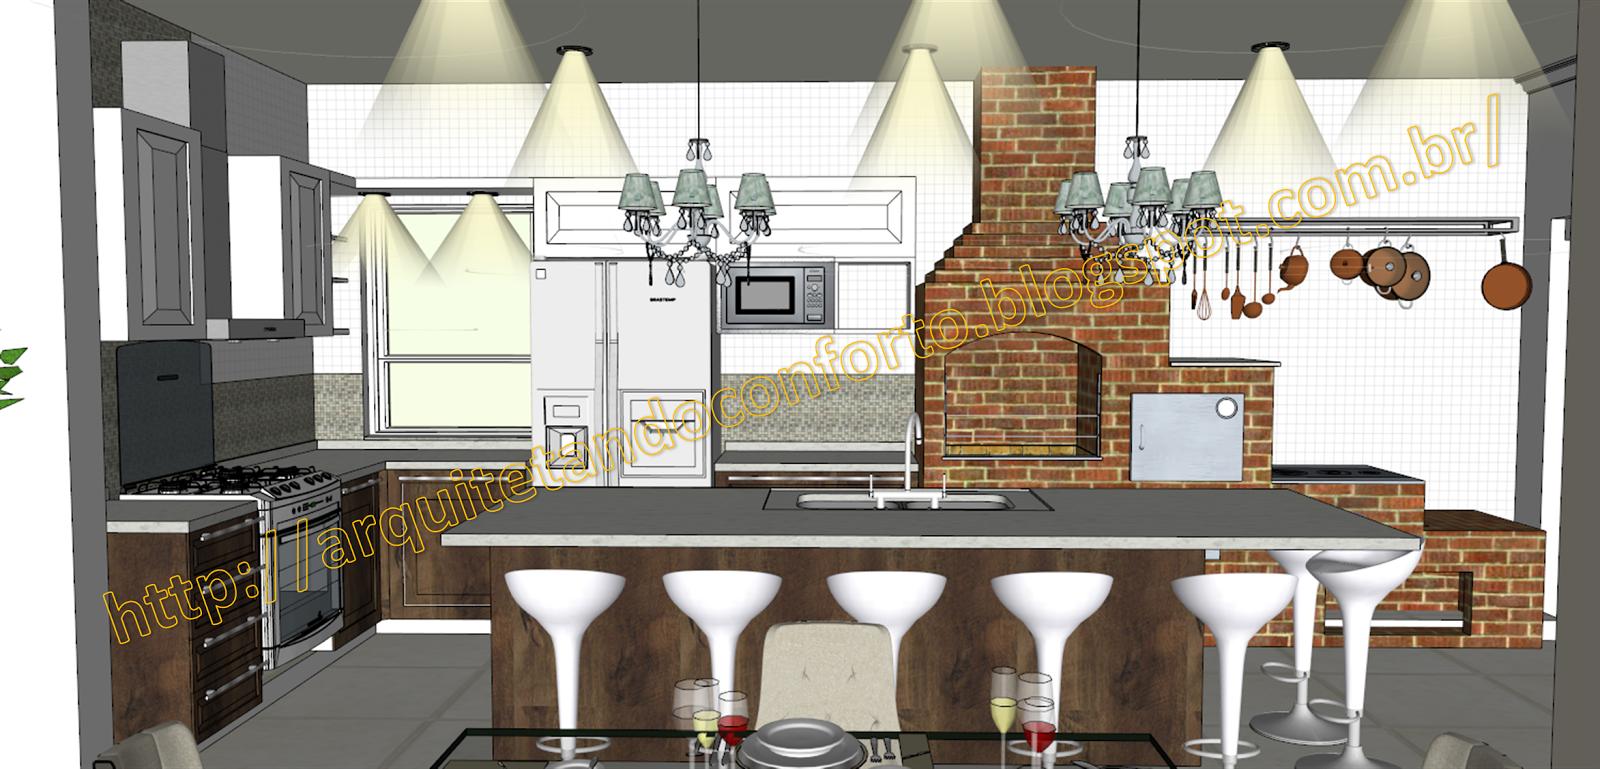 Cozinha Moderna Com Fogo A Lenha Cozinha Com Parede Azul E Fogo De